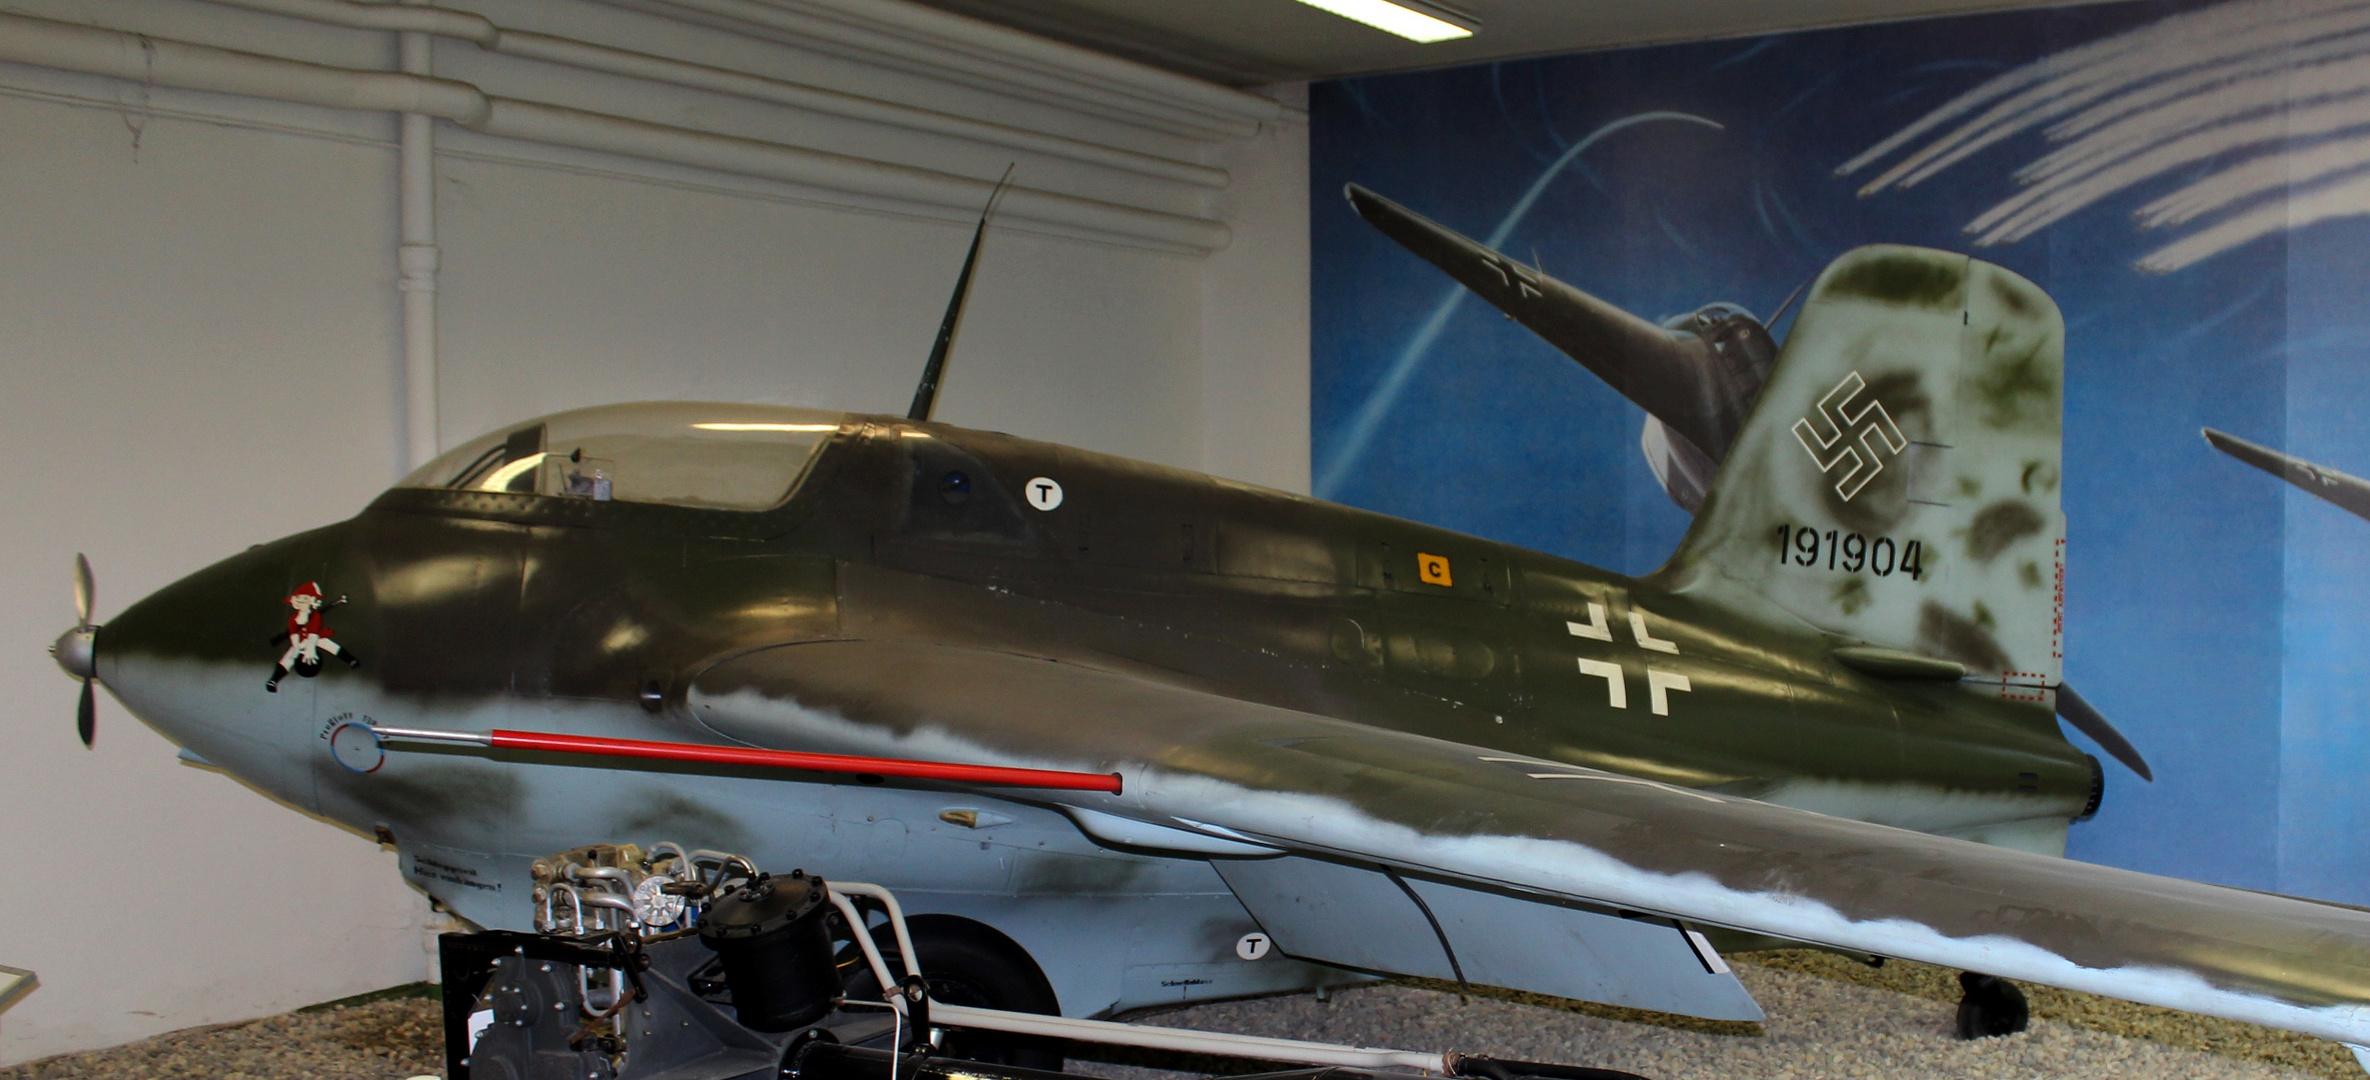 Luftwaffenmuseum Gatow Part 7